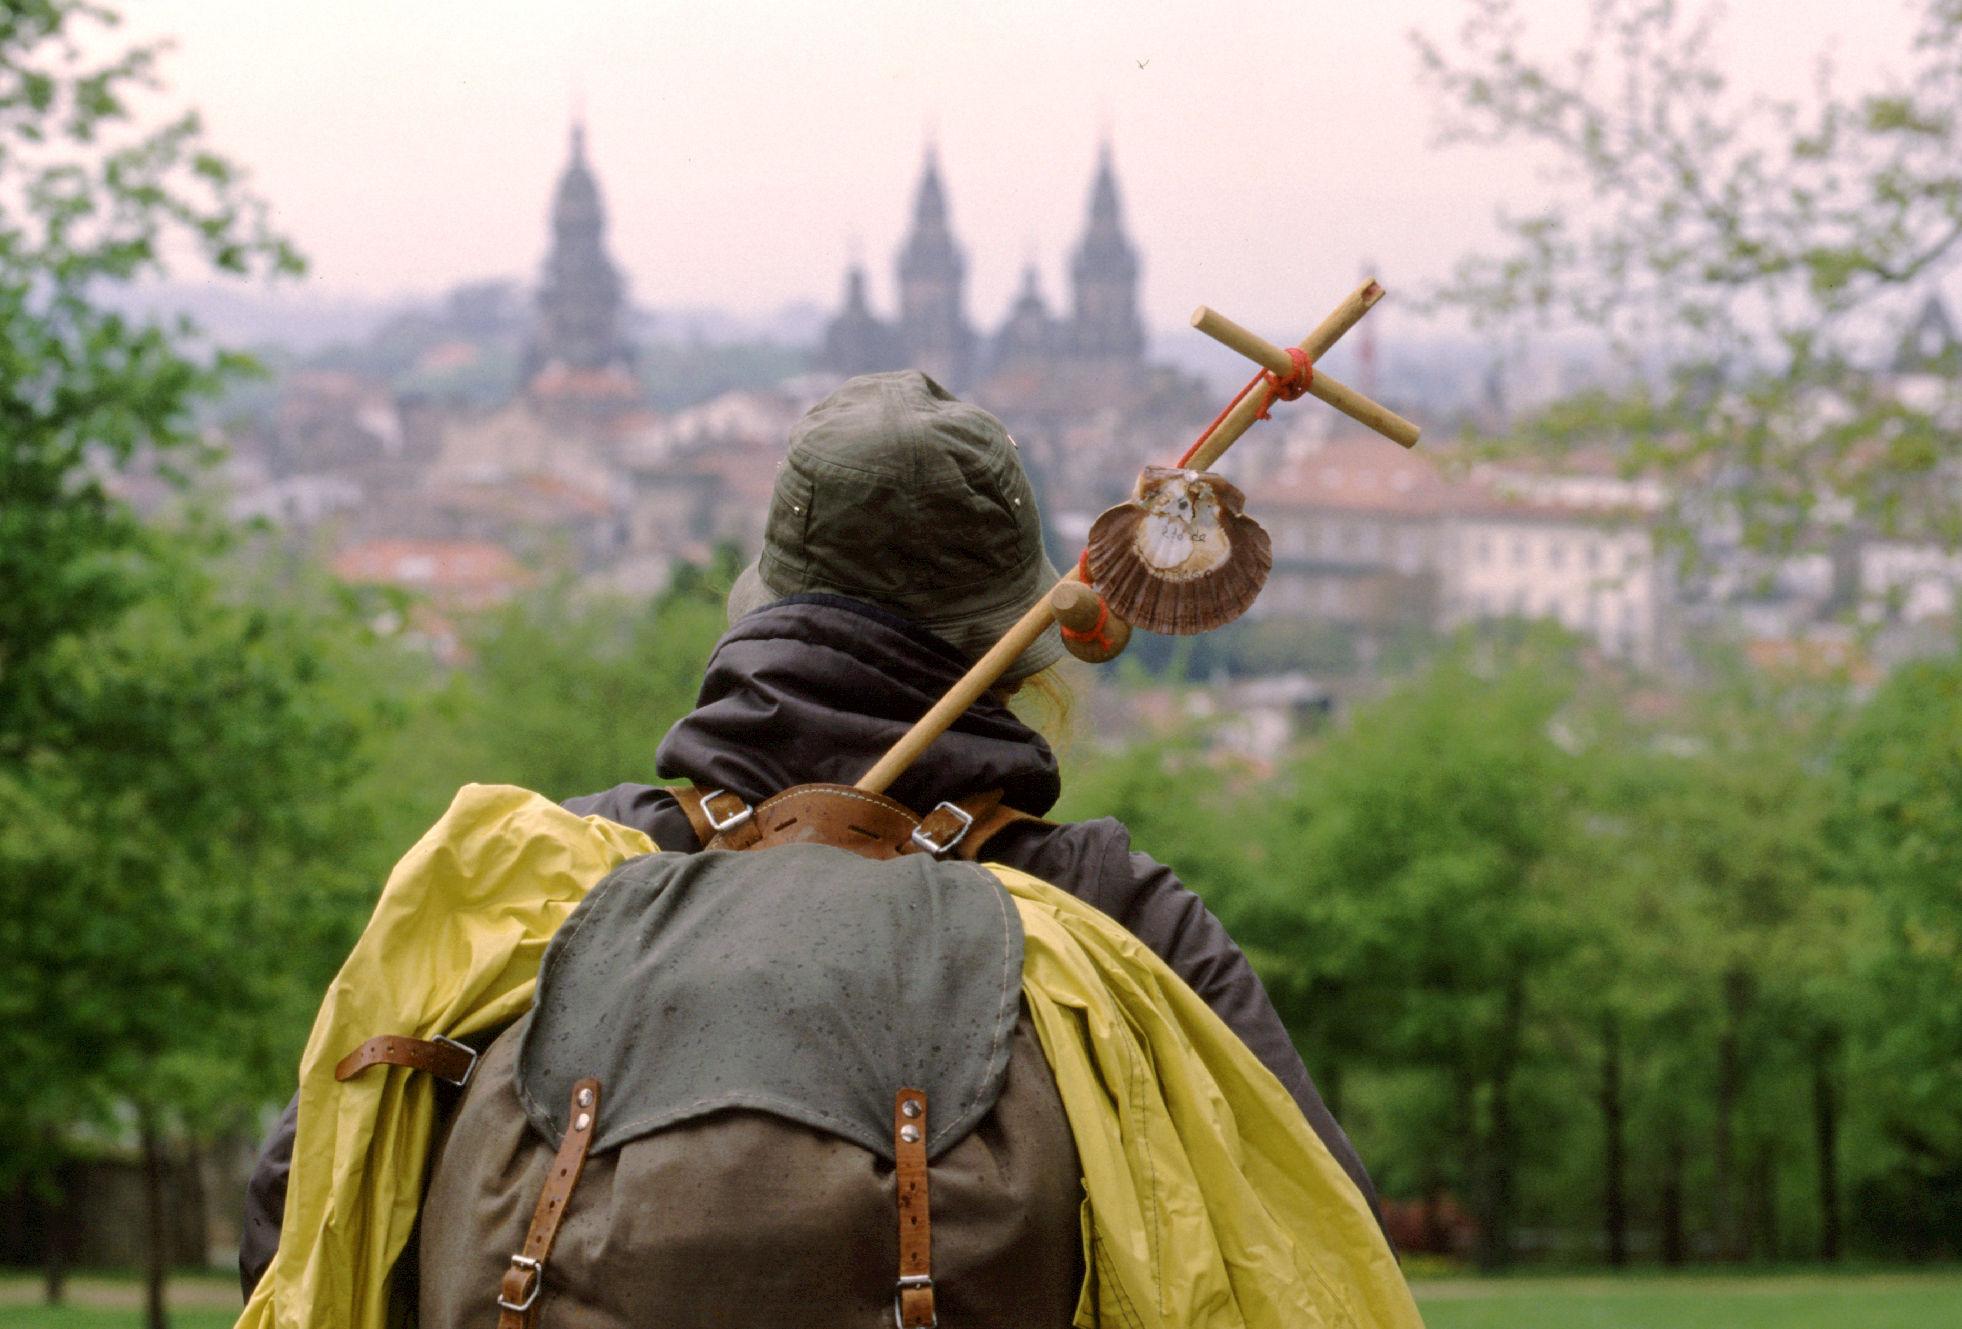 ¿Qué es lo que se supone que hay en Santiago de Compostela que atrae a la gente para que vaya hasta allí?